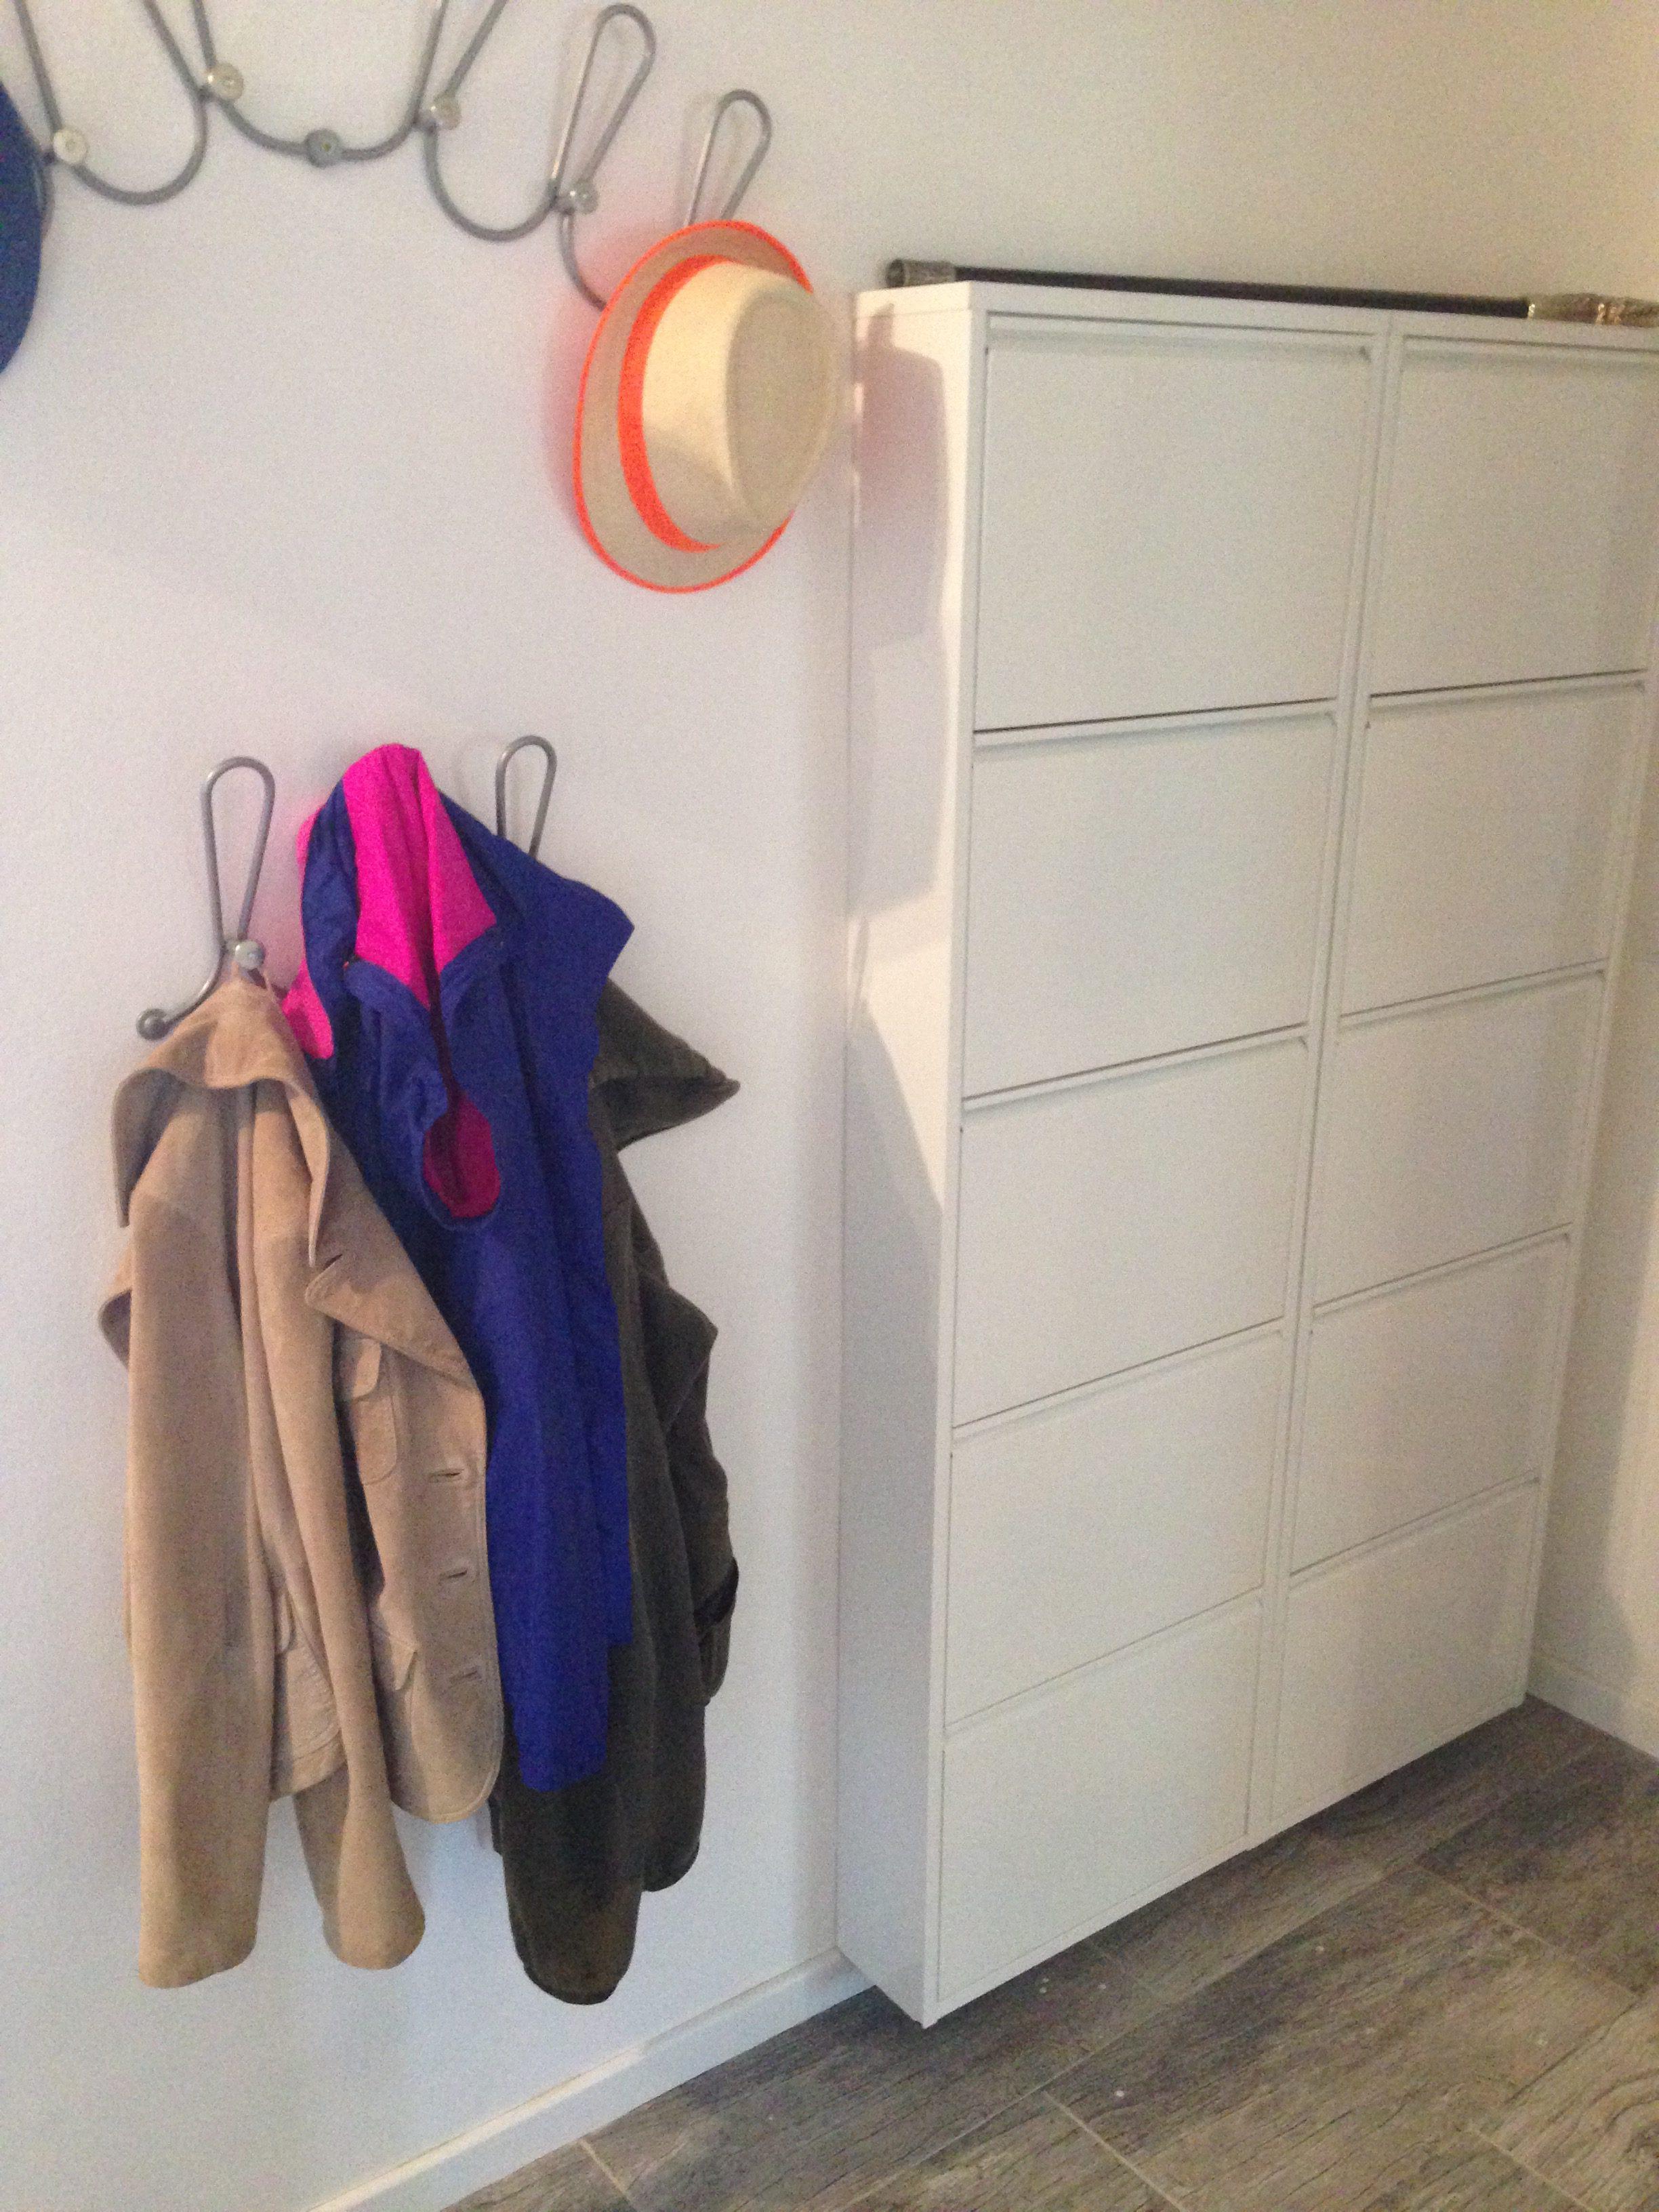 Die Garderobe und der Schuhschrank bieten sich für diese schmale Wandtiefe geradezu an.